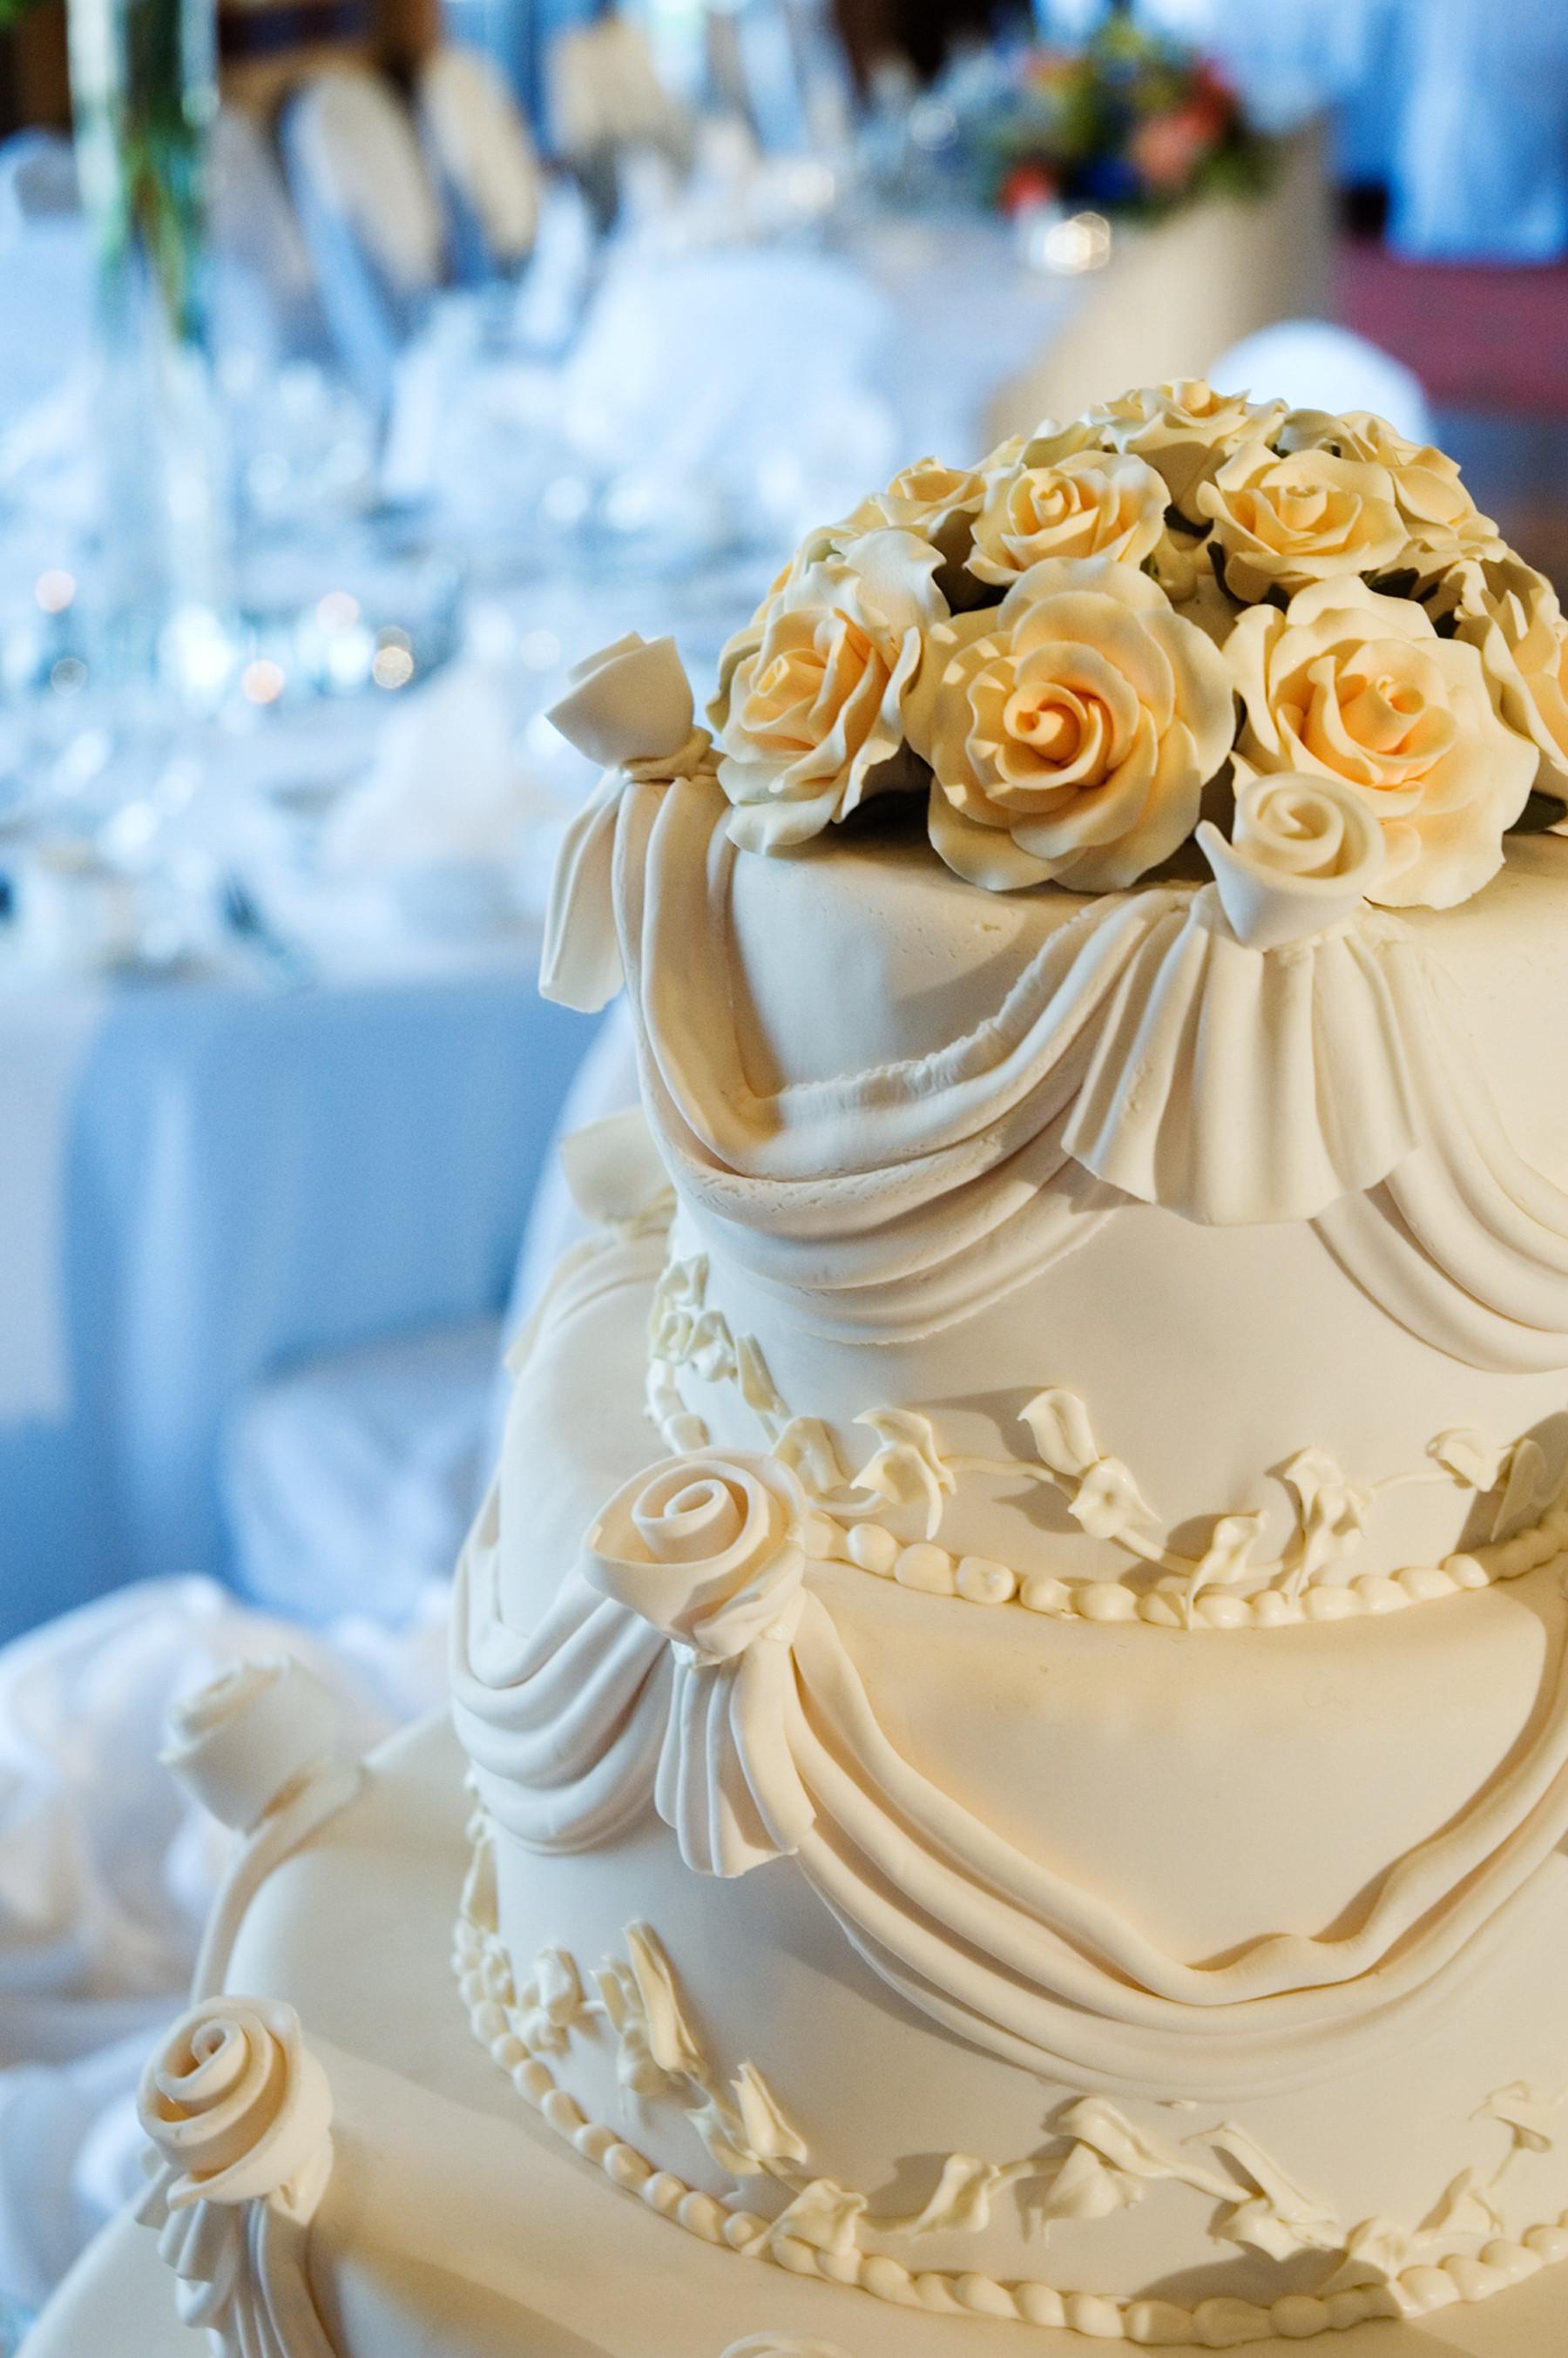 Wedding Cakes Decor  Wedding Cake Decorating Ideas Easy Wedding Cake